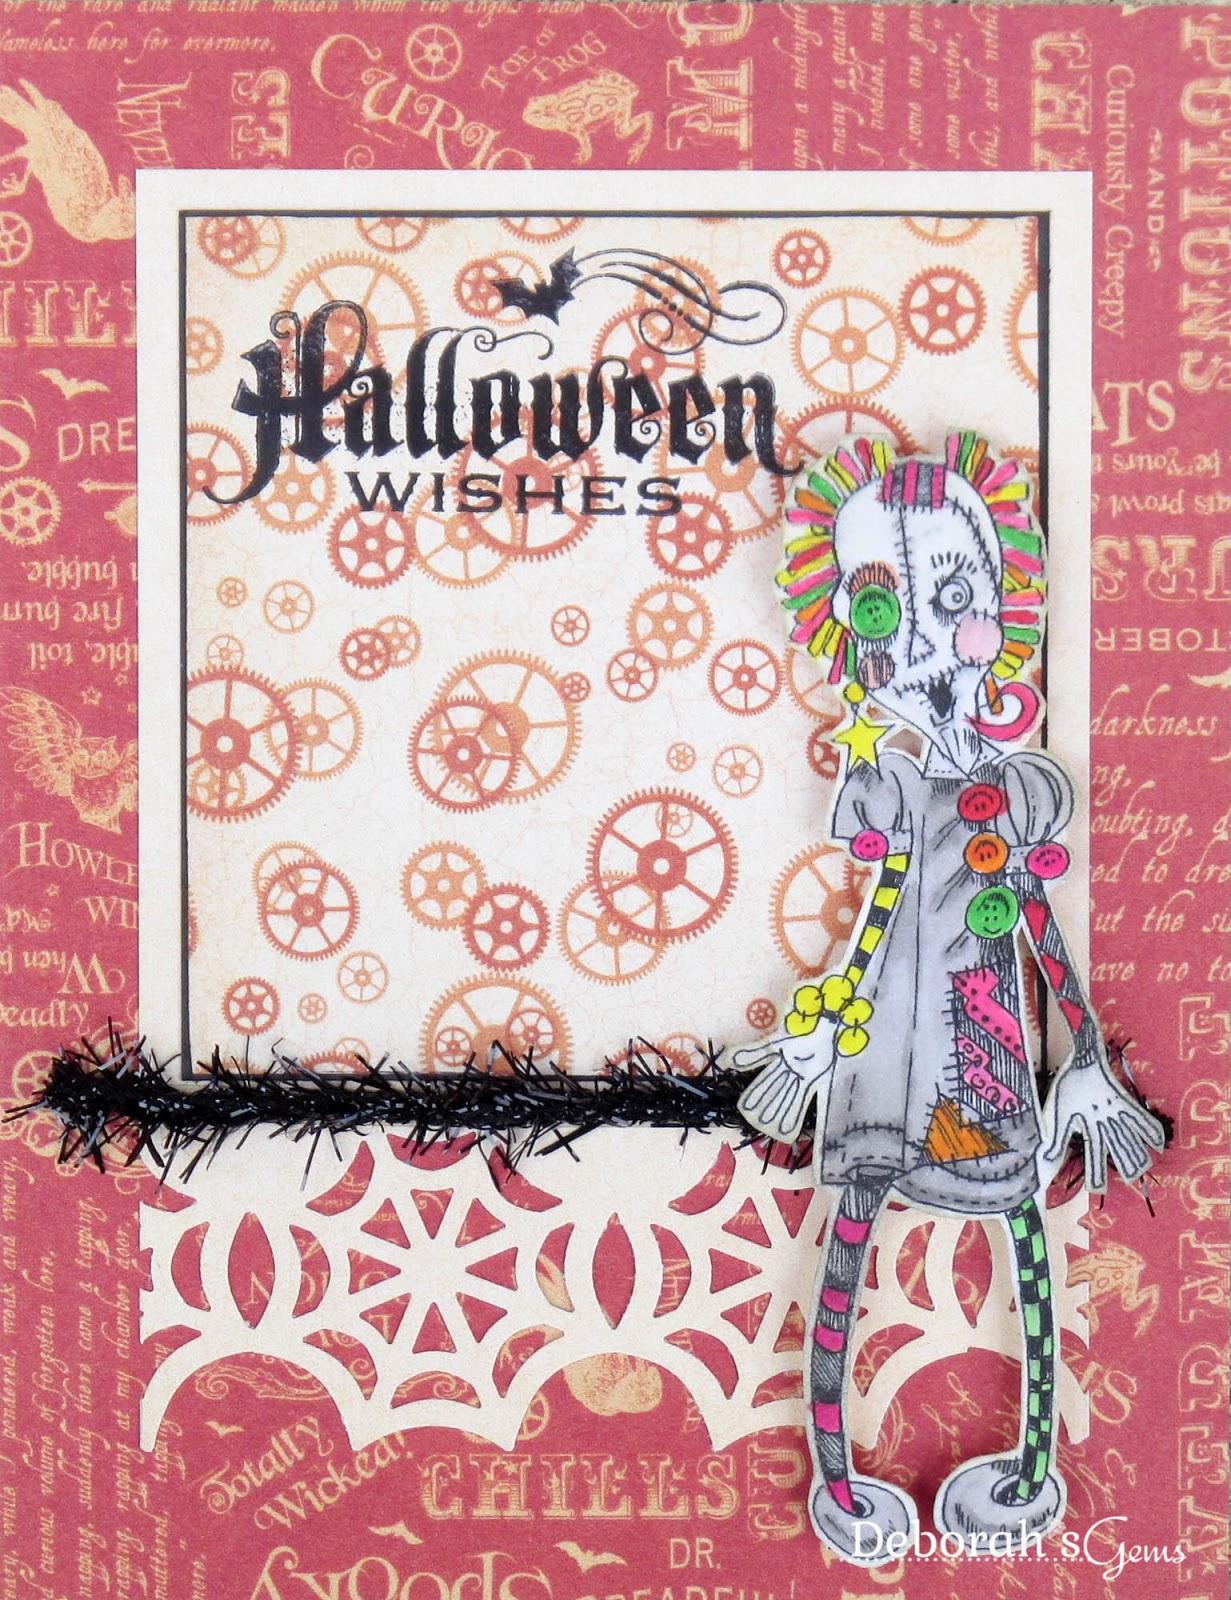 Halloween Wishes - photo by Deborah Frings - Deborah's Gems